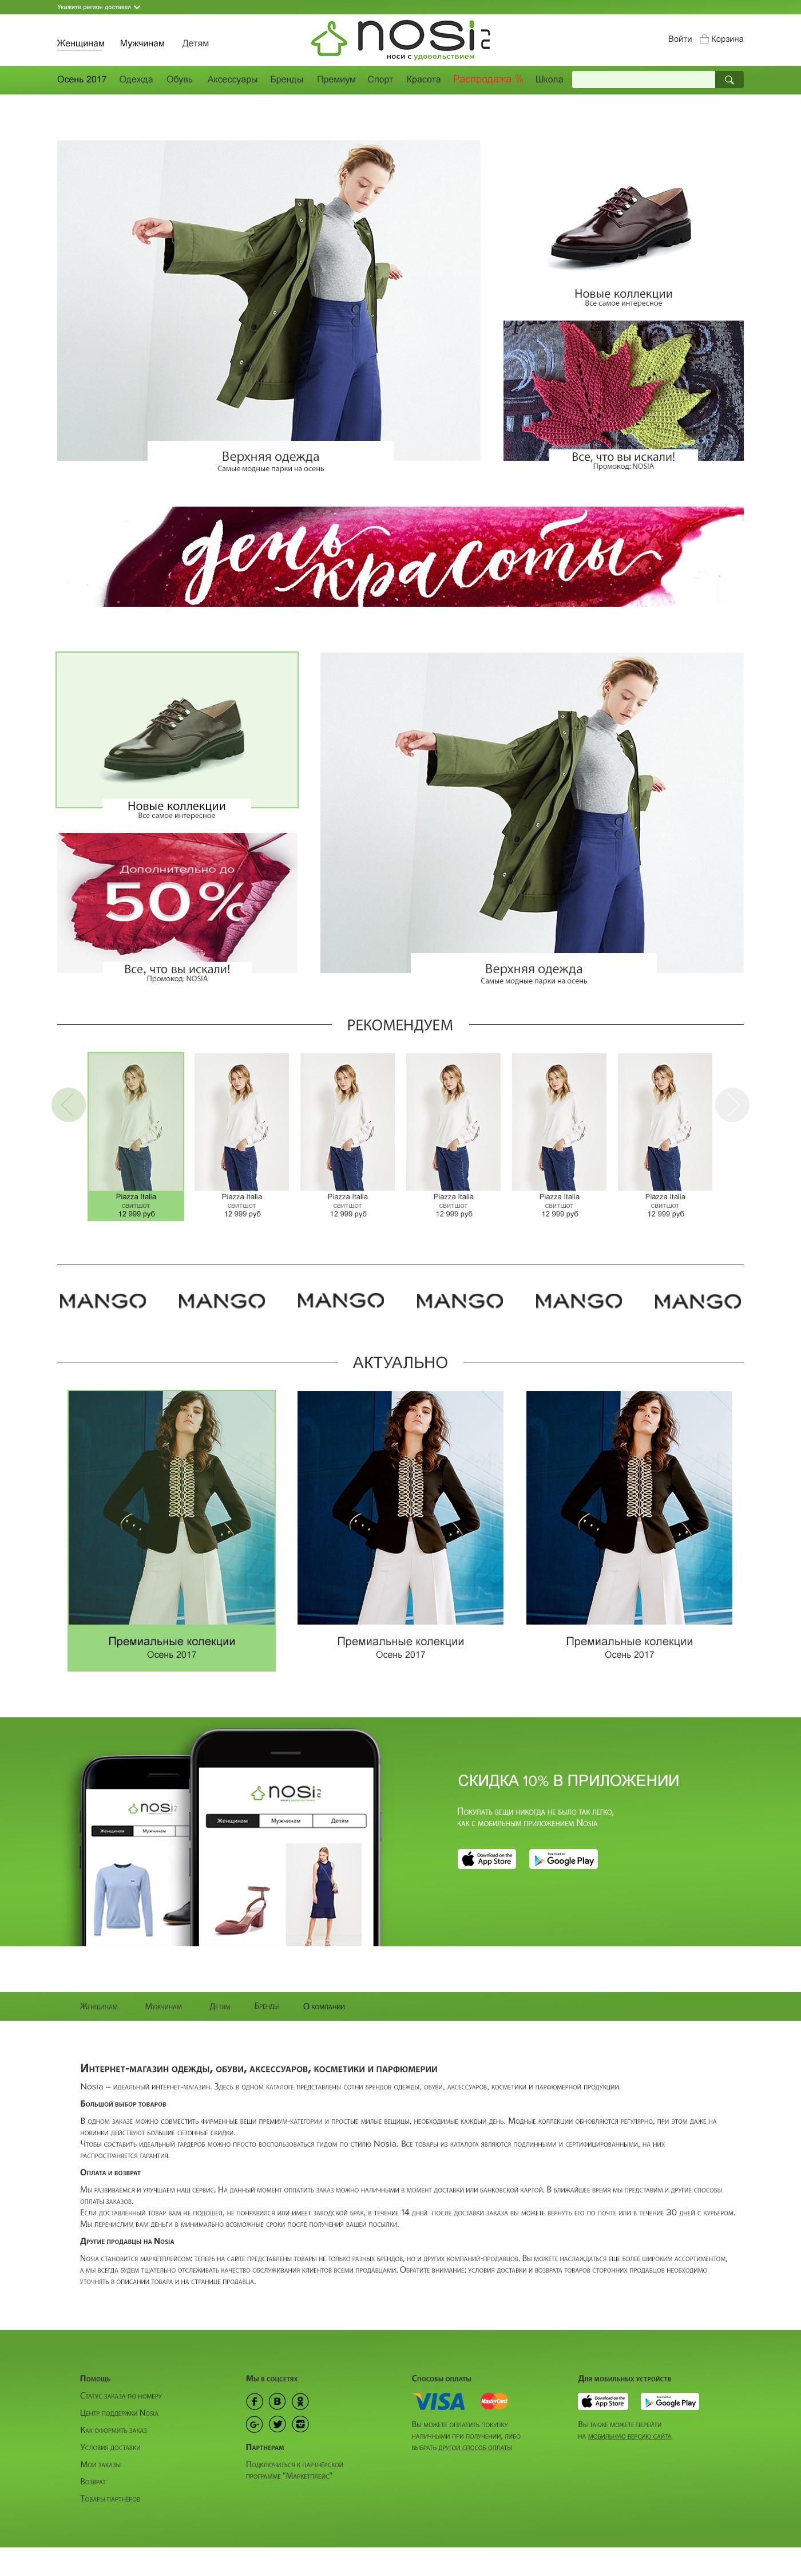 Дизайн главной страницы интернет-магазина модной одежды